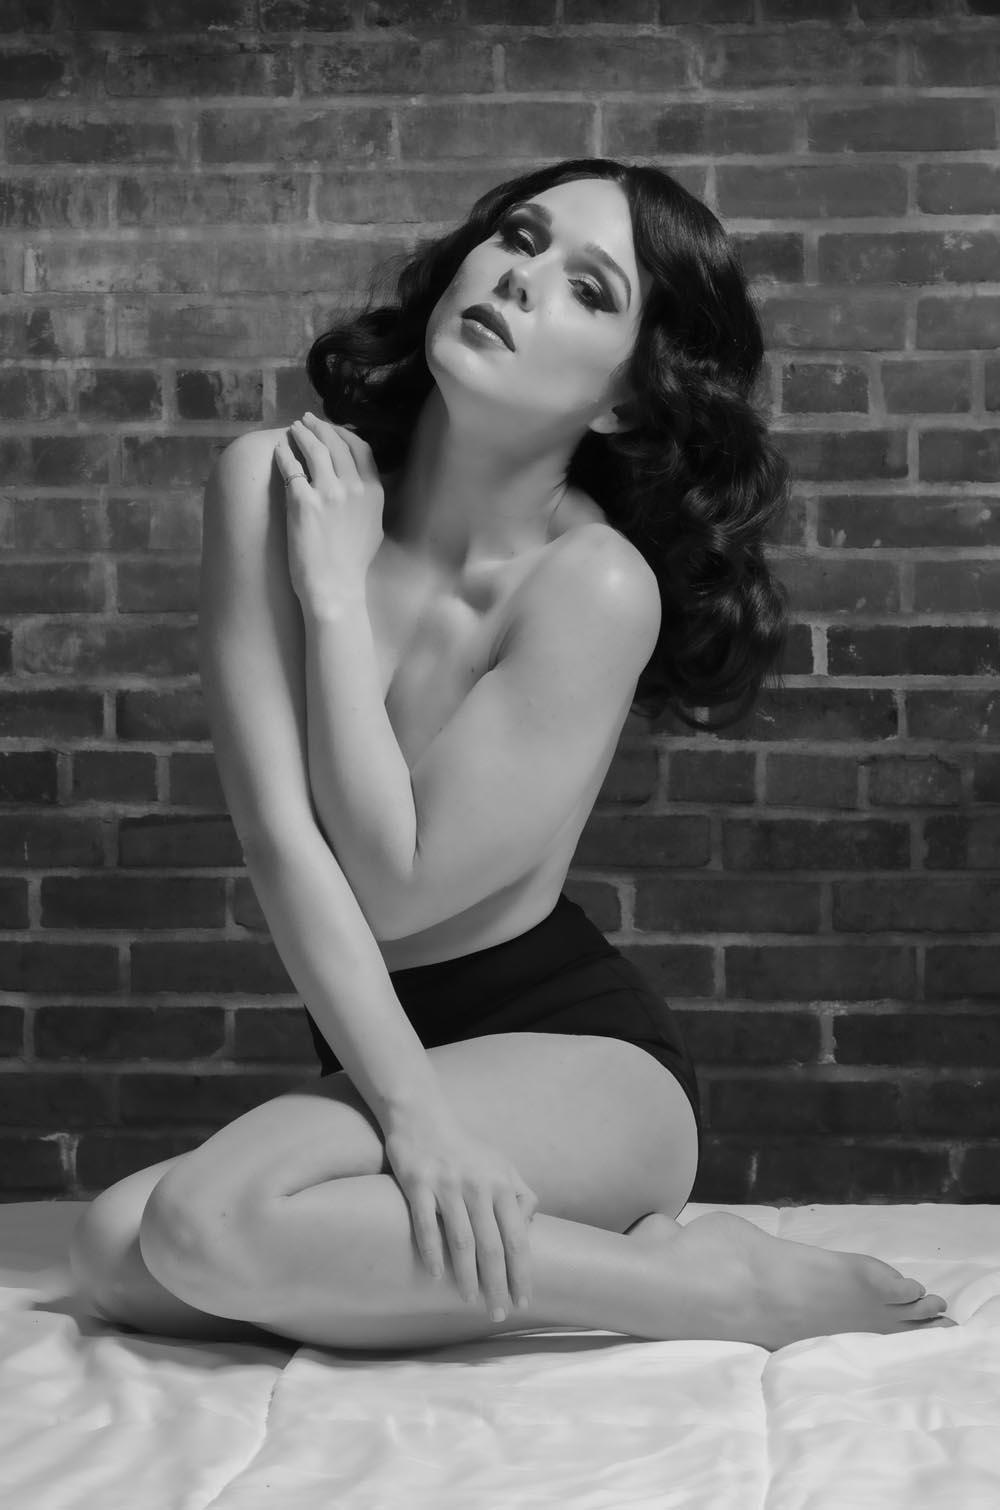 boudoir-photography-pensacola-atlanta-boudoir-by-noel-01.jpg